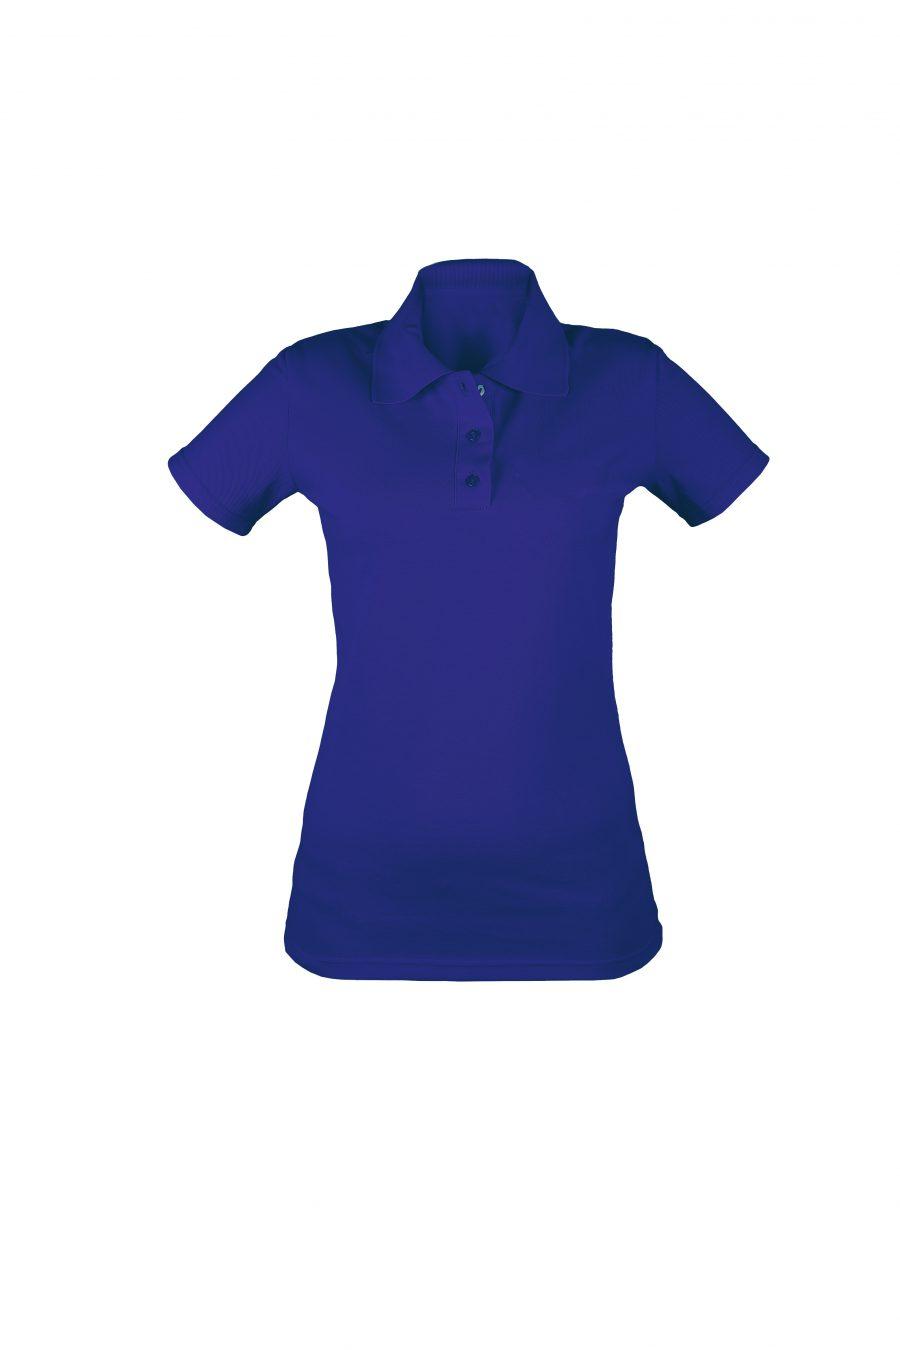 Рубашка-поло KANO WP васильковая купить оптом,